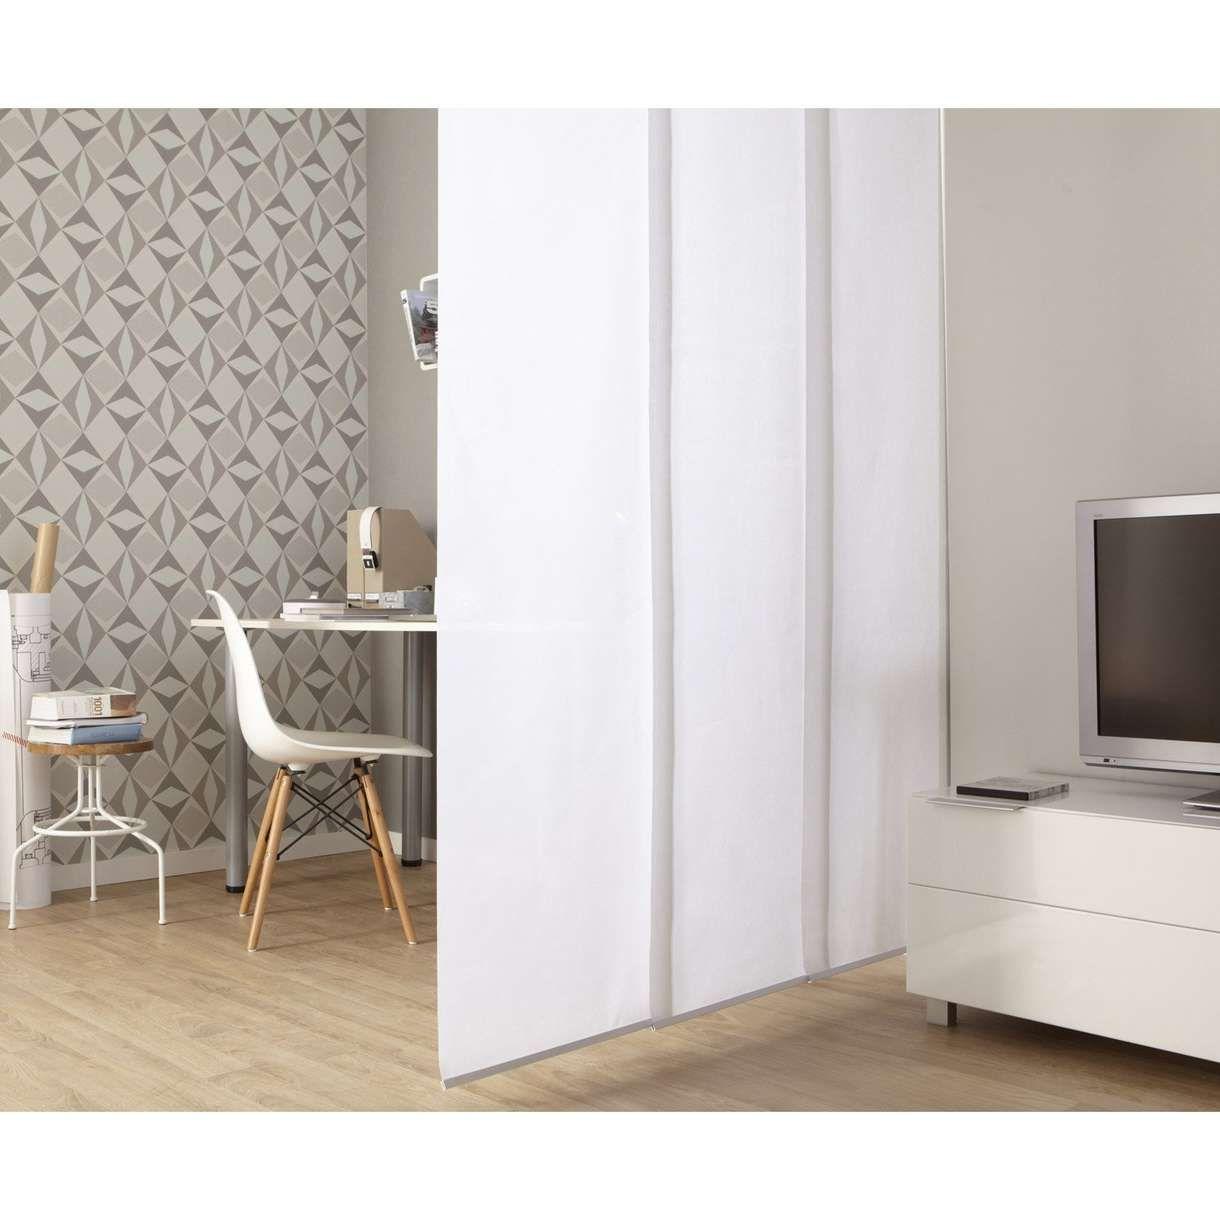 j 39 aime cette photo sur et vous panneau. Black Bedroom Furniture Sets. Home Design Ideas